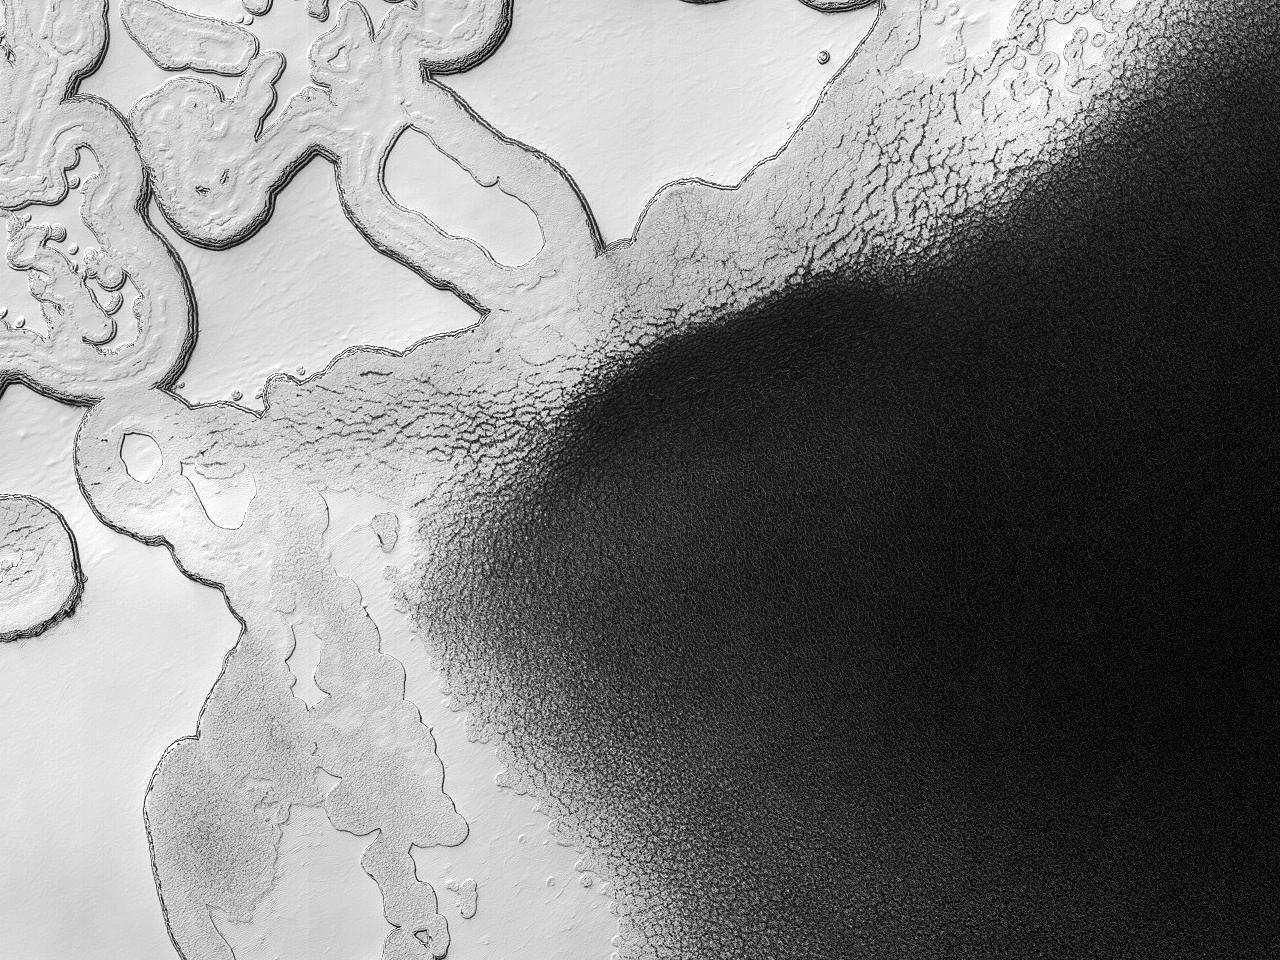 Lagvise avleiringer ved sydpolen